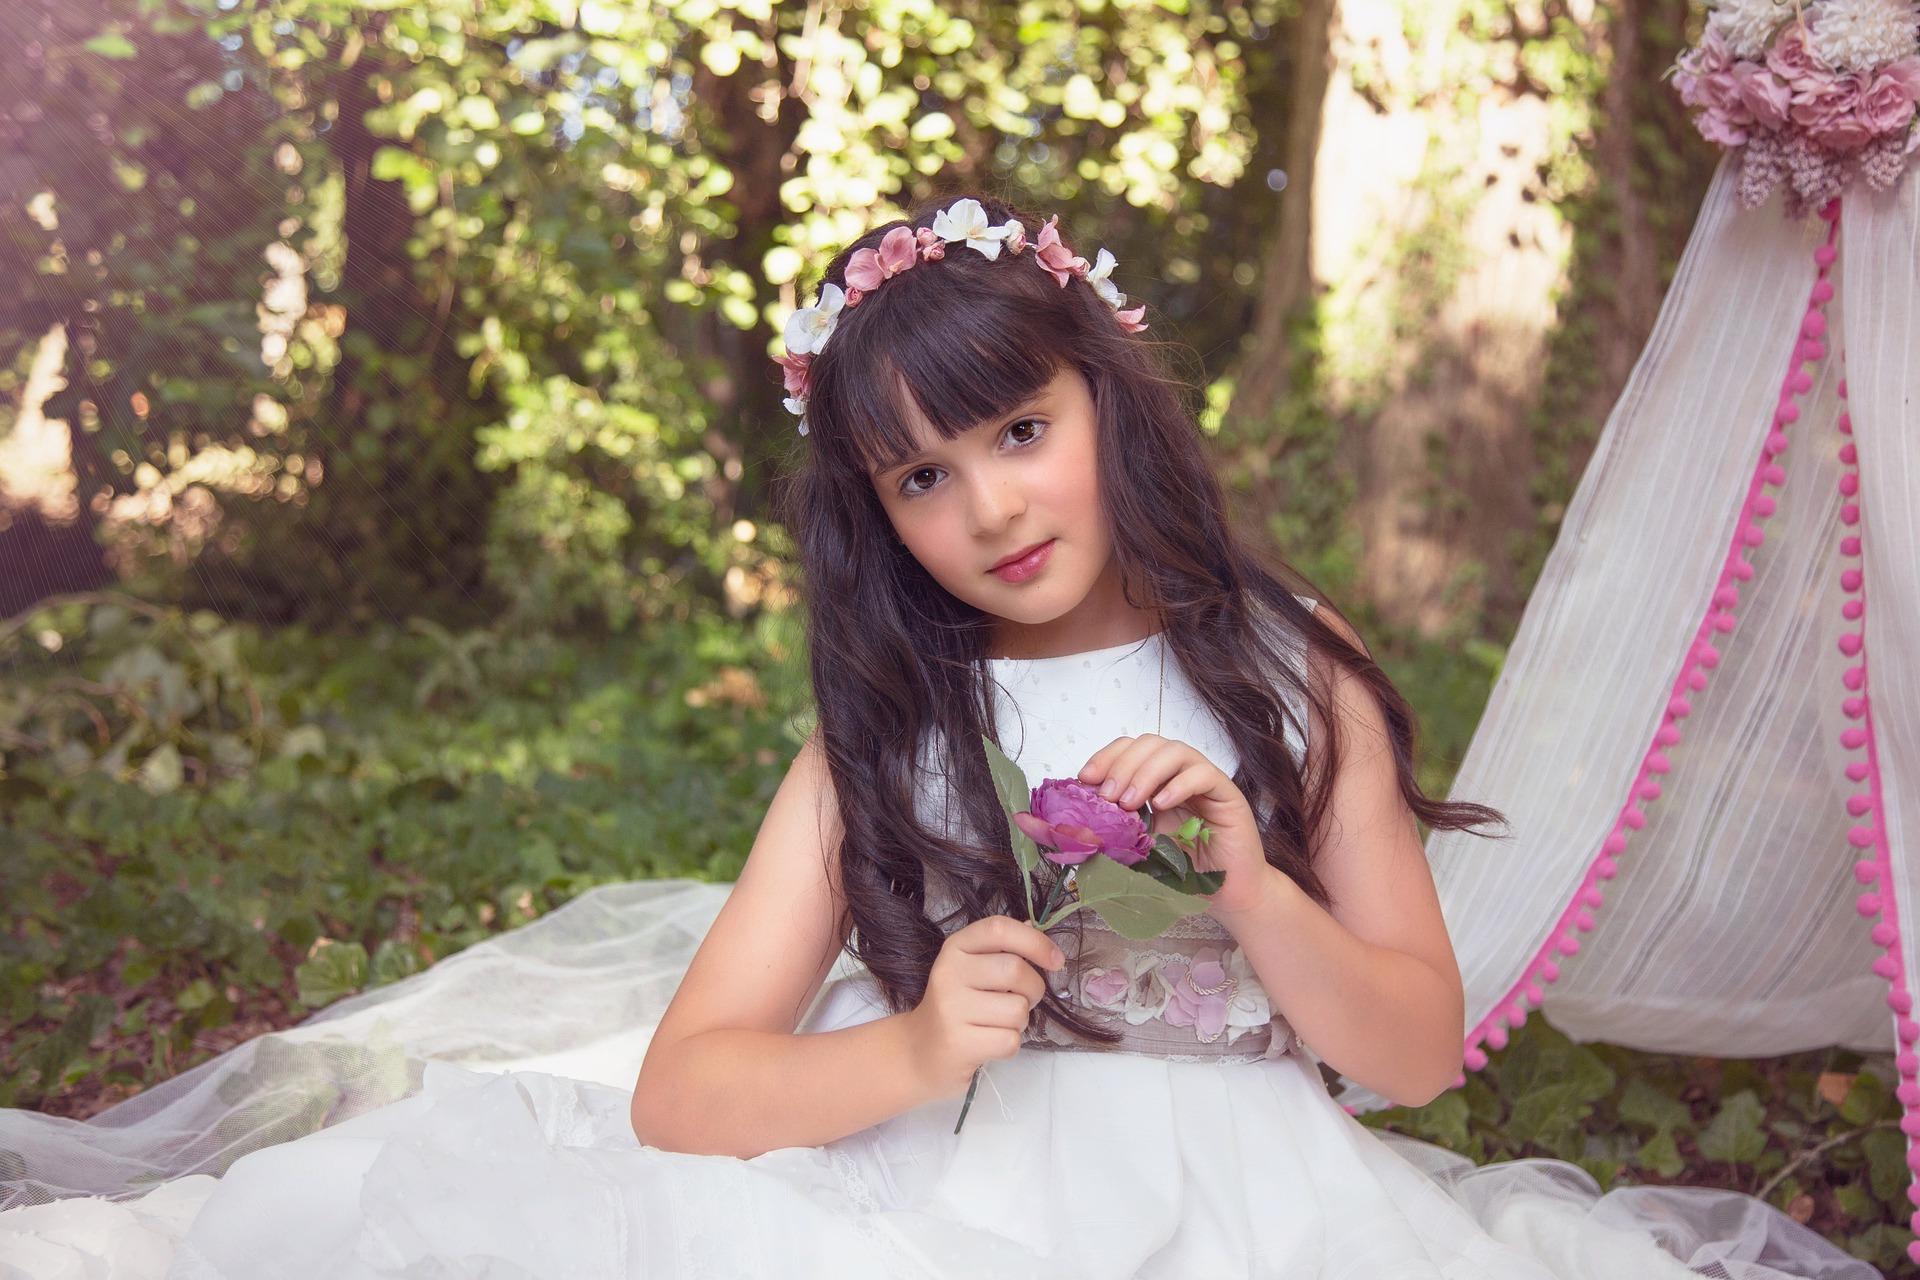 princess-5053620_1920